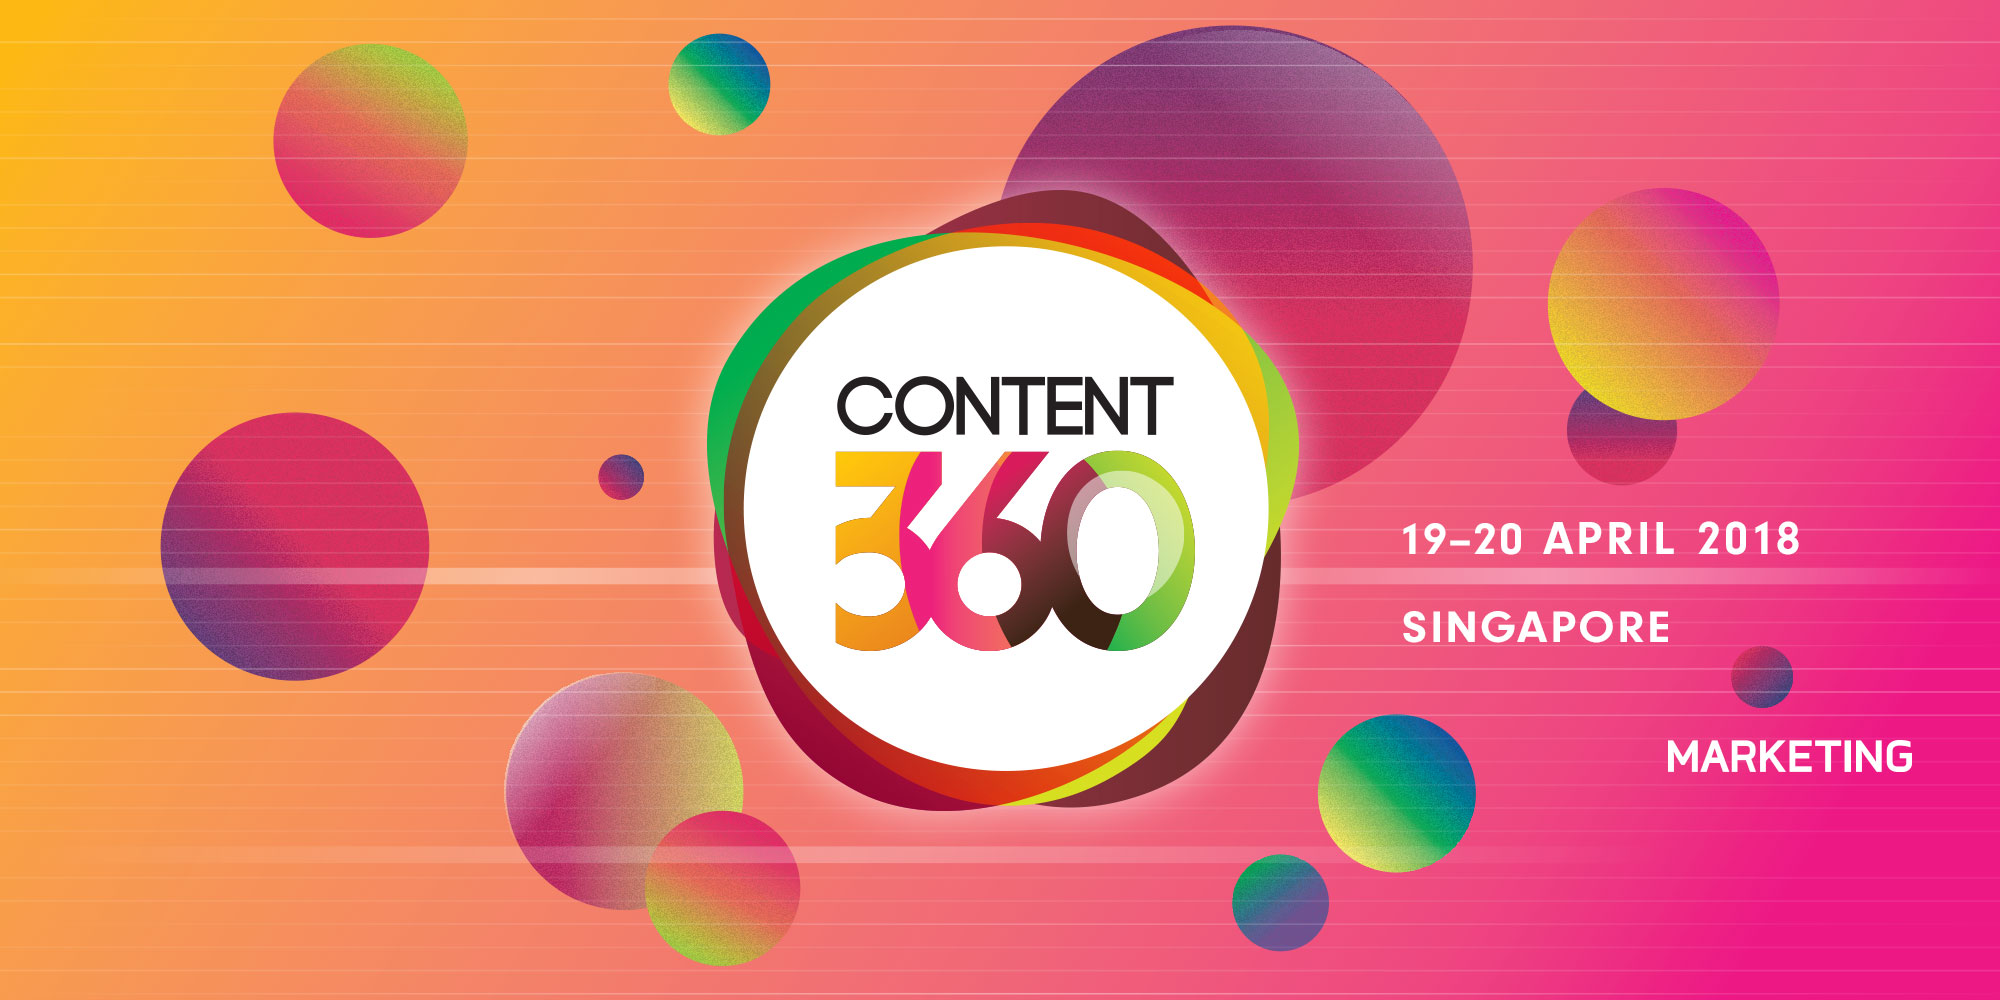 Content 360 2018